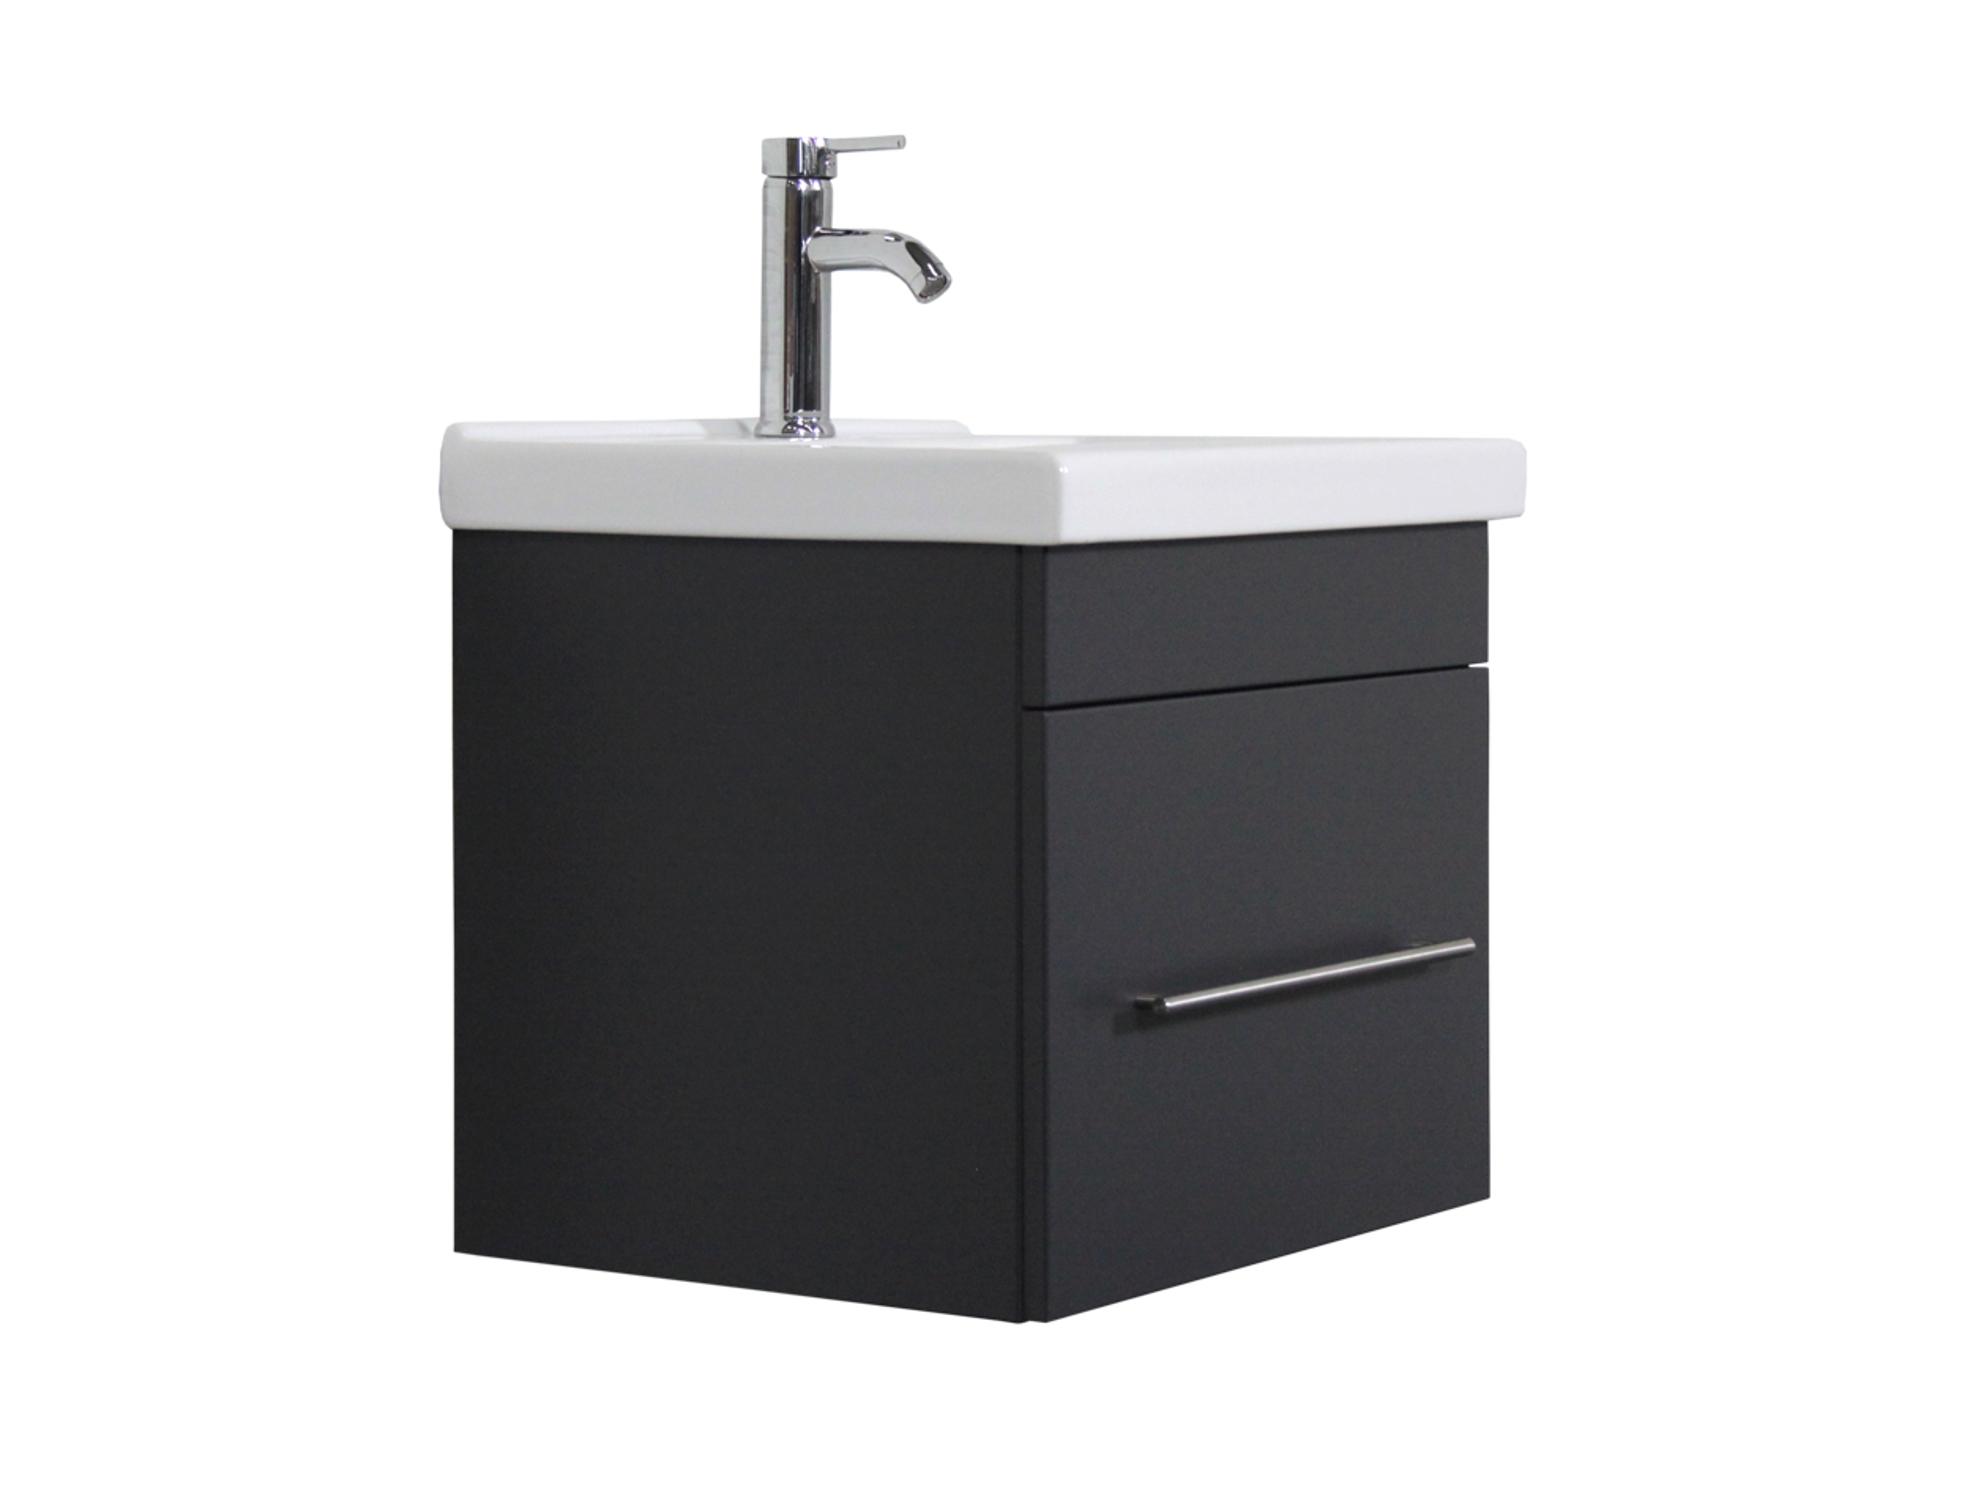 bad waschtisch galia 2 ausz ge 55 cm breit grau gl nzend bad waschtische. Black Bedroom Furniture Sets. Home Design Ideas